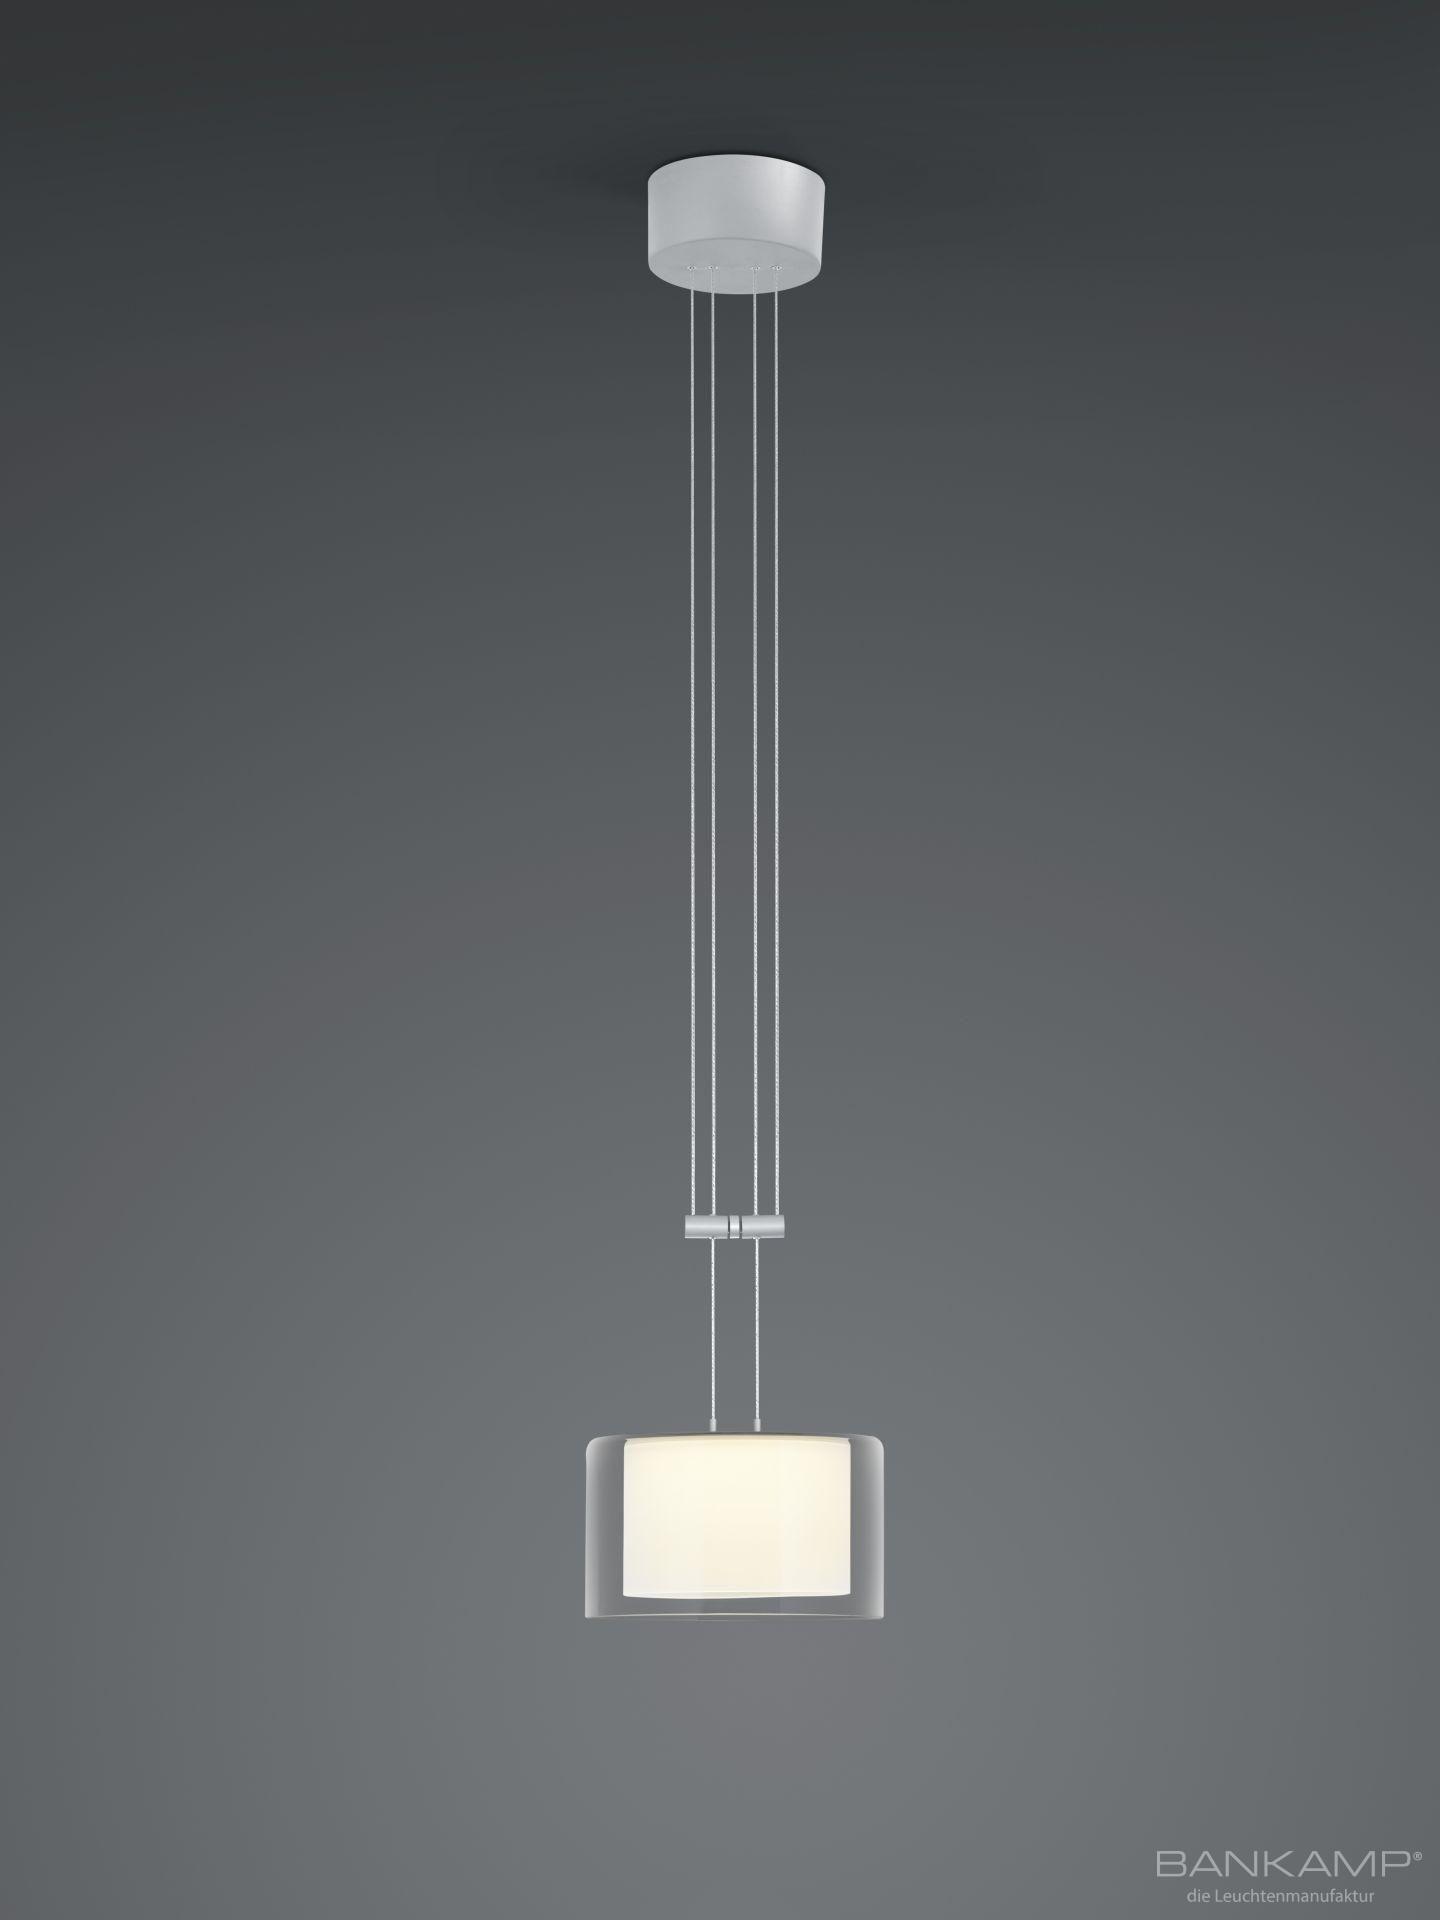 BANKAMP LeuchtenmanufakturLED-Pendelleuchte Grace 1 flammig2213/1-36